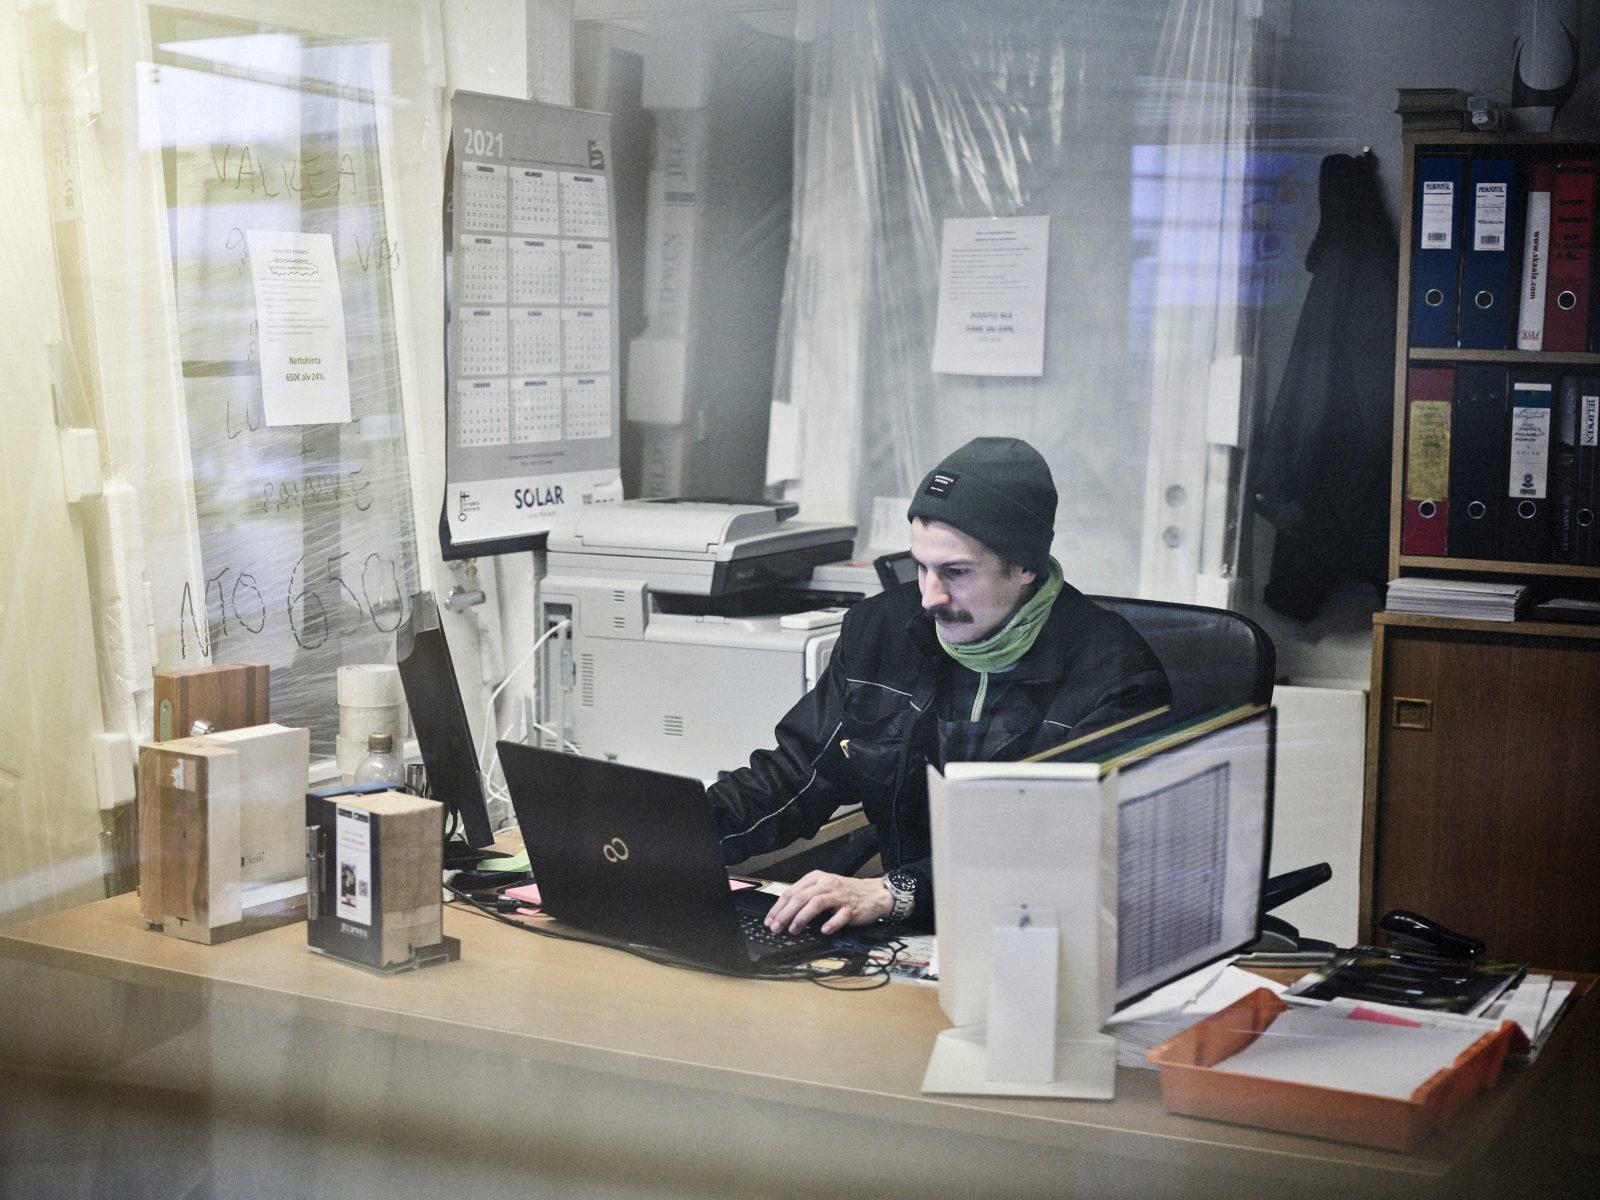 Myyjä vastaa sähköposti viesteihin työpisteellään.